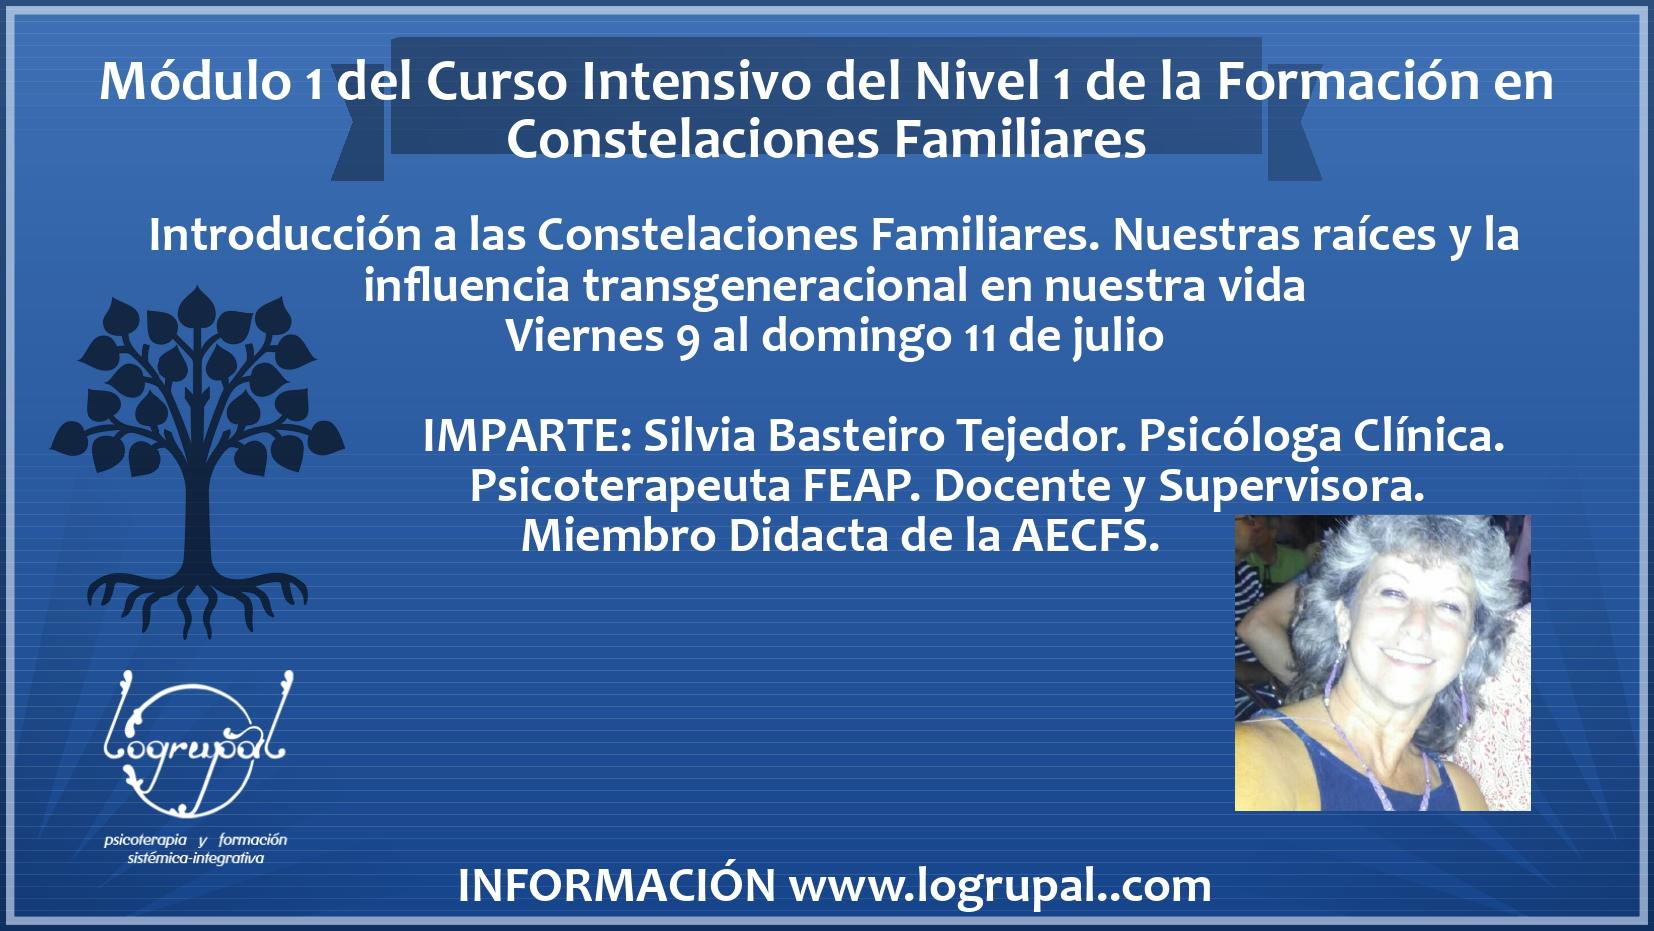 Módulo 1 del Curso intensivo del Nivel 1 de la Formación en Constelaciones Familiares (presencial y online)(9 al 11 de julio)